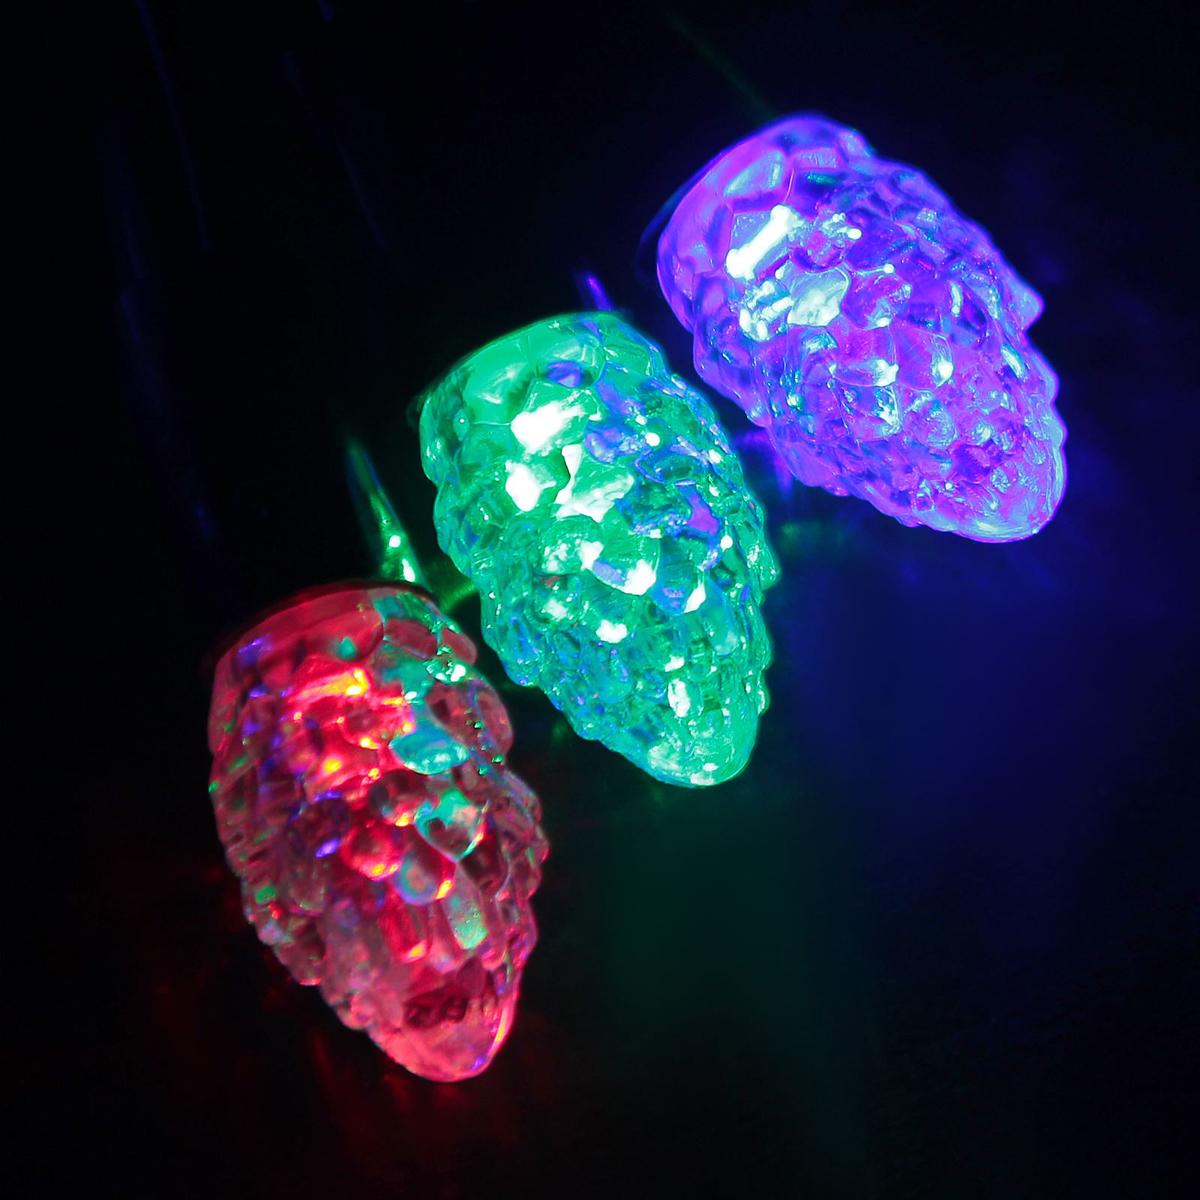 Гирлянда светодиодная Luazon Метраж. Растаявший лед, уличная с насадкой, моргает, 40 ламп, 220 V, 5 м, цвет: мультиколор. 185564185564Светодиодные гирлянды, ленты и т.д. — это отличный вариант для новогоднего оформления интерьера или фасада. С их помощью помещение любого размера можно превратить в праздничный зал, а внешние элементы зданий, украшенные ими, мгновенно станут напоминать очертания сказочного дворца. Такие украшения создают ауру предвкушения чуда. Деревья, фасады, витрины, окна и арки будто специально созданы, чтобы вы украсили их светящимися нитями.